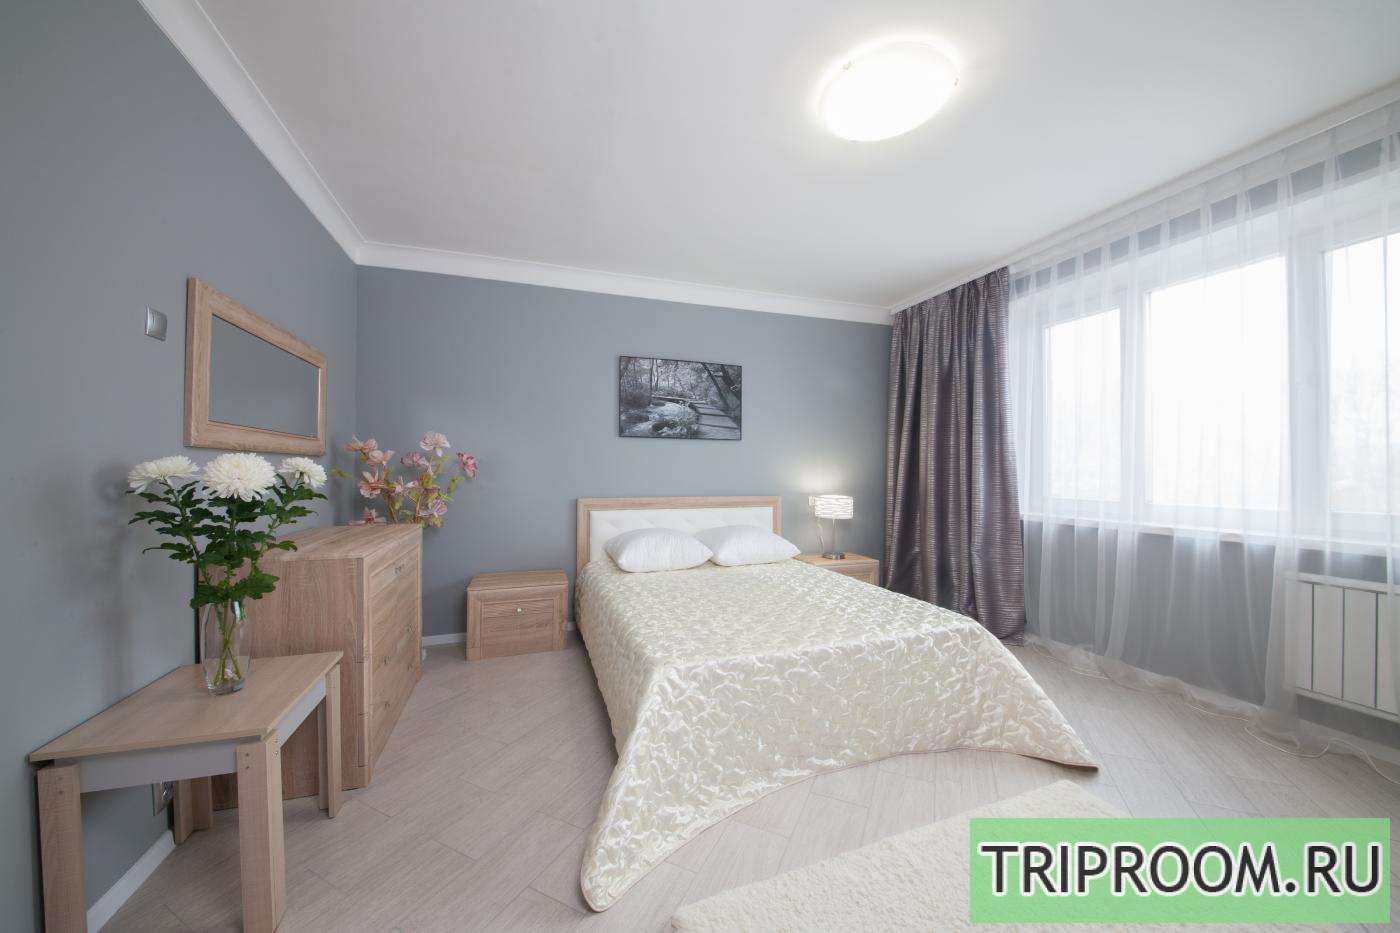 1-комнатная квартира посуточно (вариант № 17220), ул. 78 Добровольческой, фото № 2